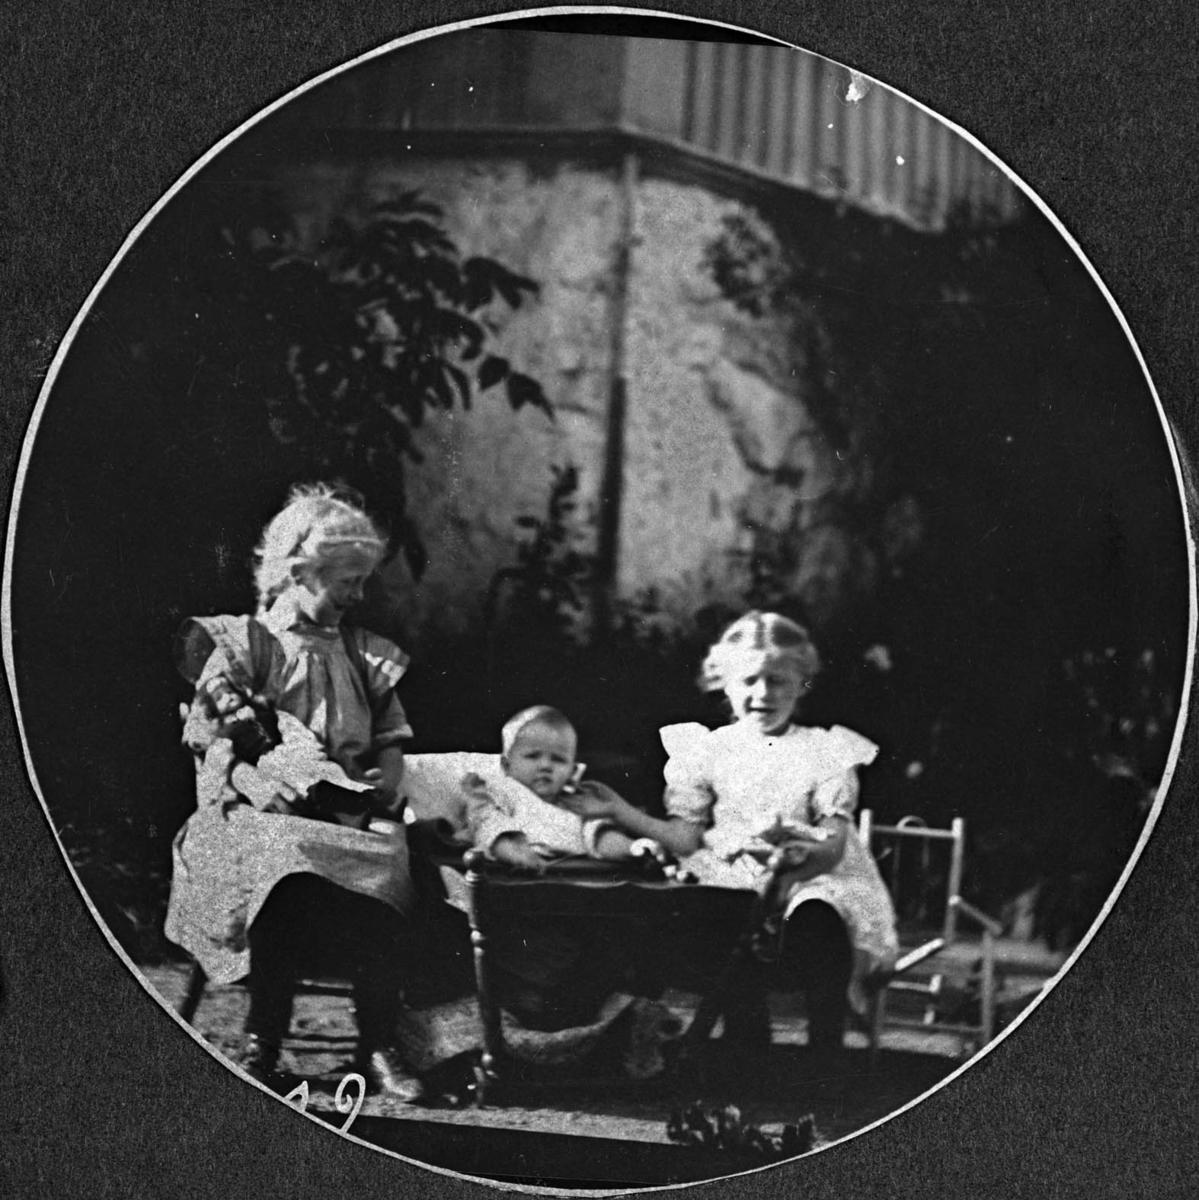 To store og et mindre barn fotografert ute, vogn, barnmøbler, drakt, pike